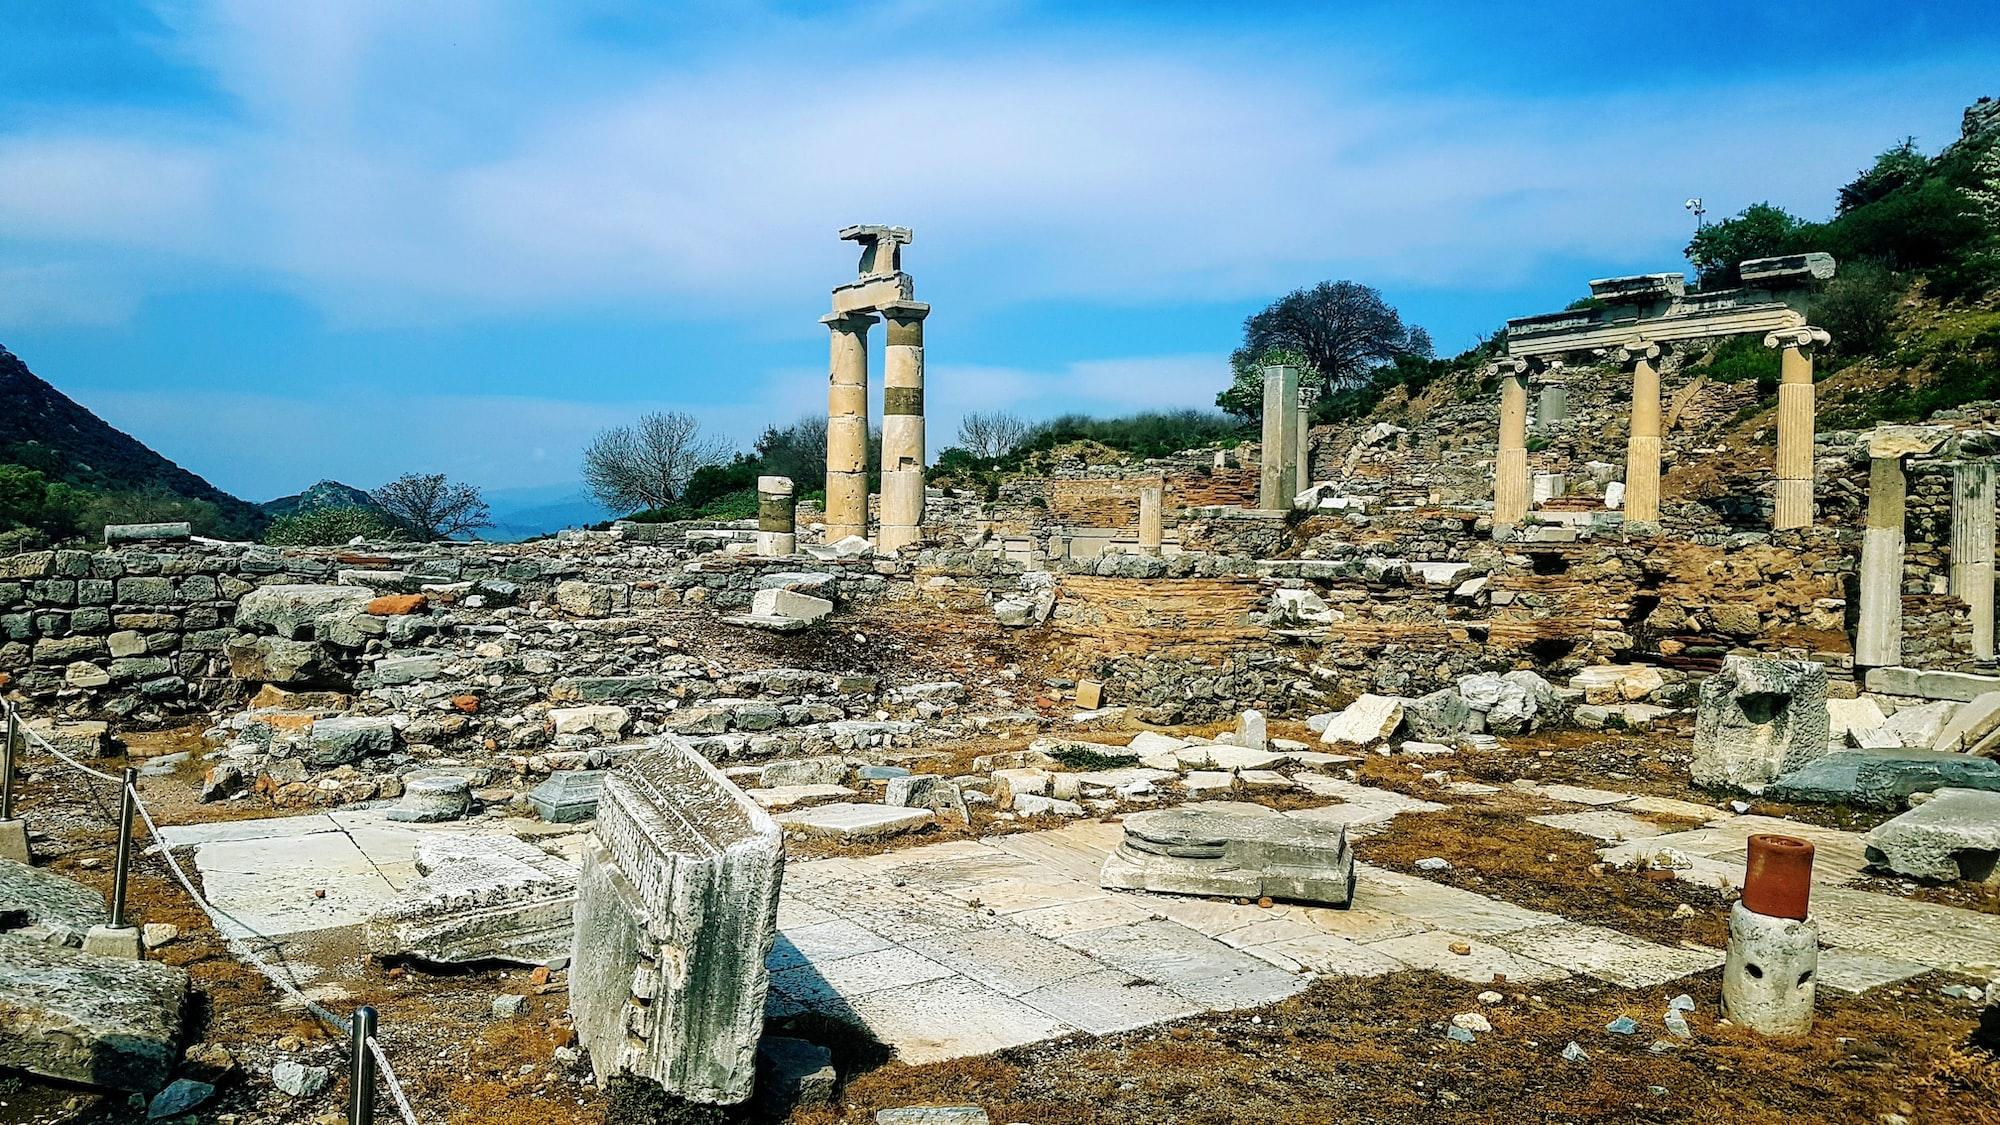 Efes'te Bir Tapınak Bulmaca Anlamı Nedir?